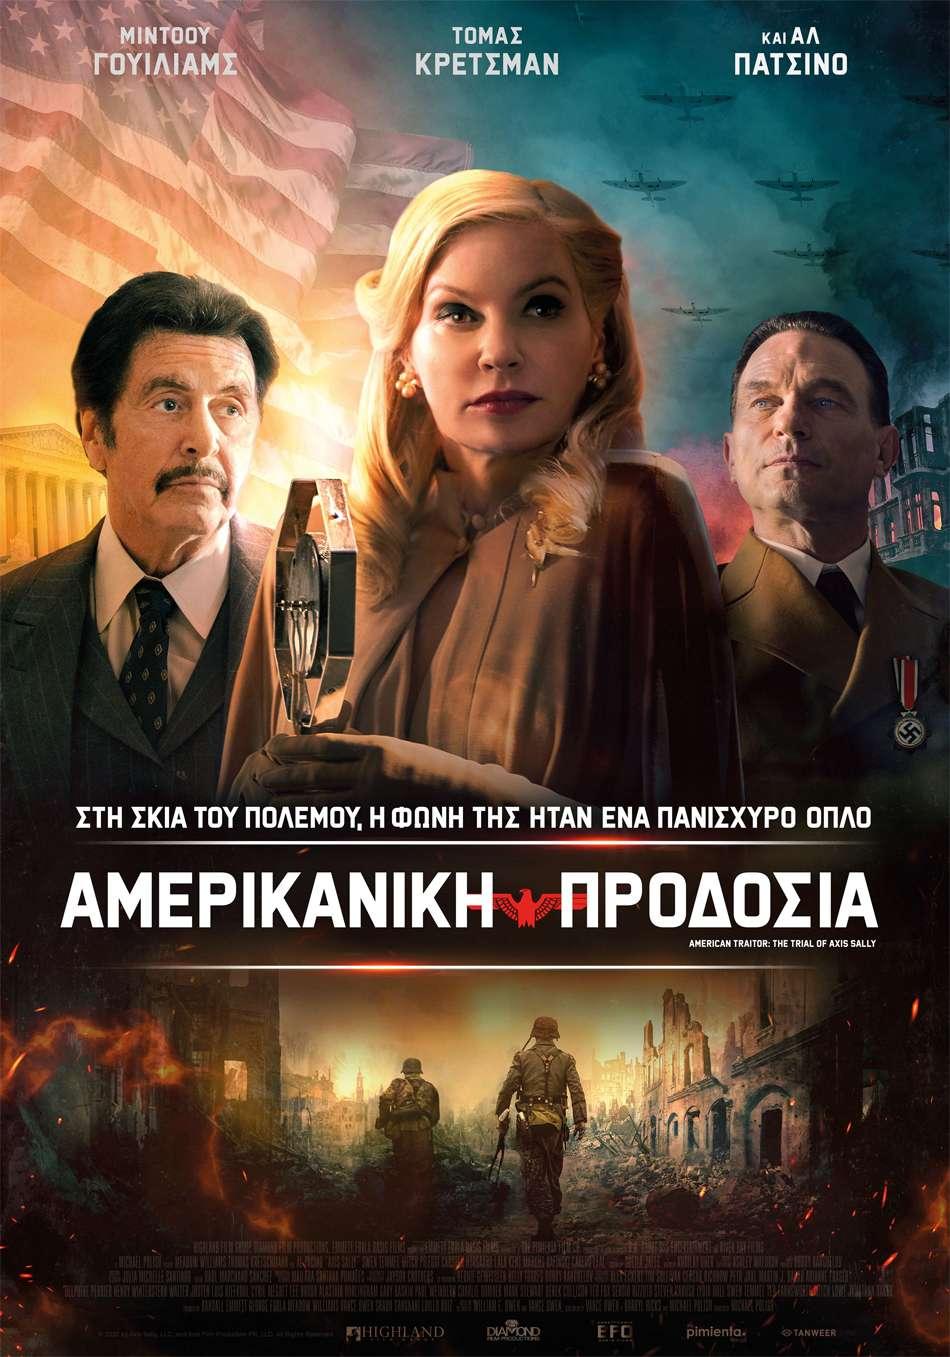 Η Ράια και ο Τελευταίος Δράκος (Raya And The Last Dragon) - Trailer / Τρέιλερ Poster